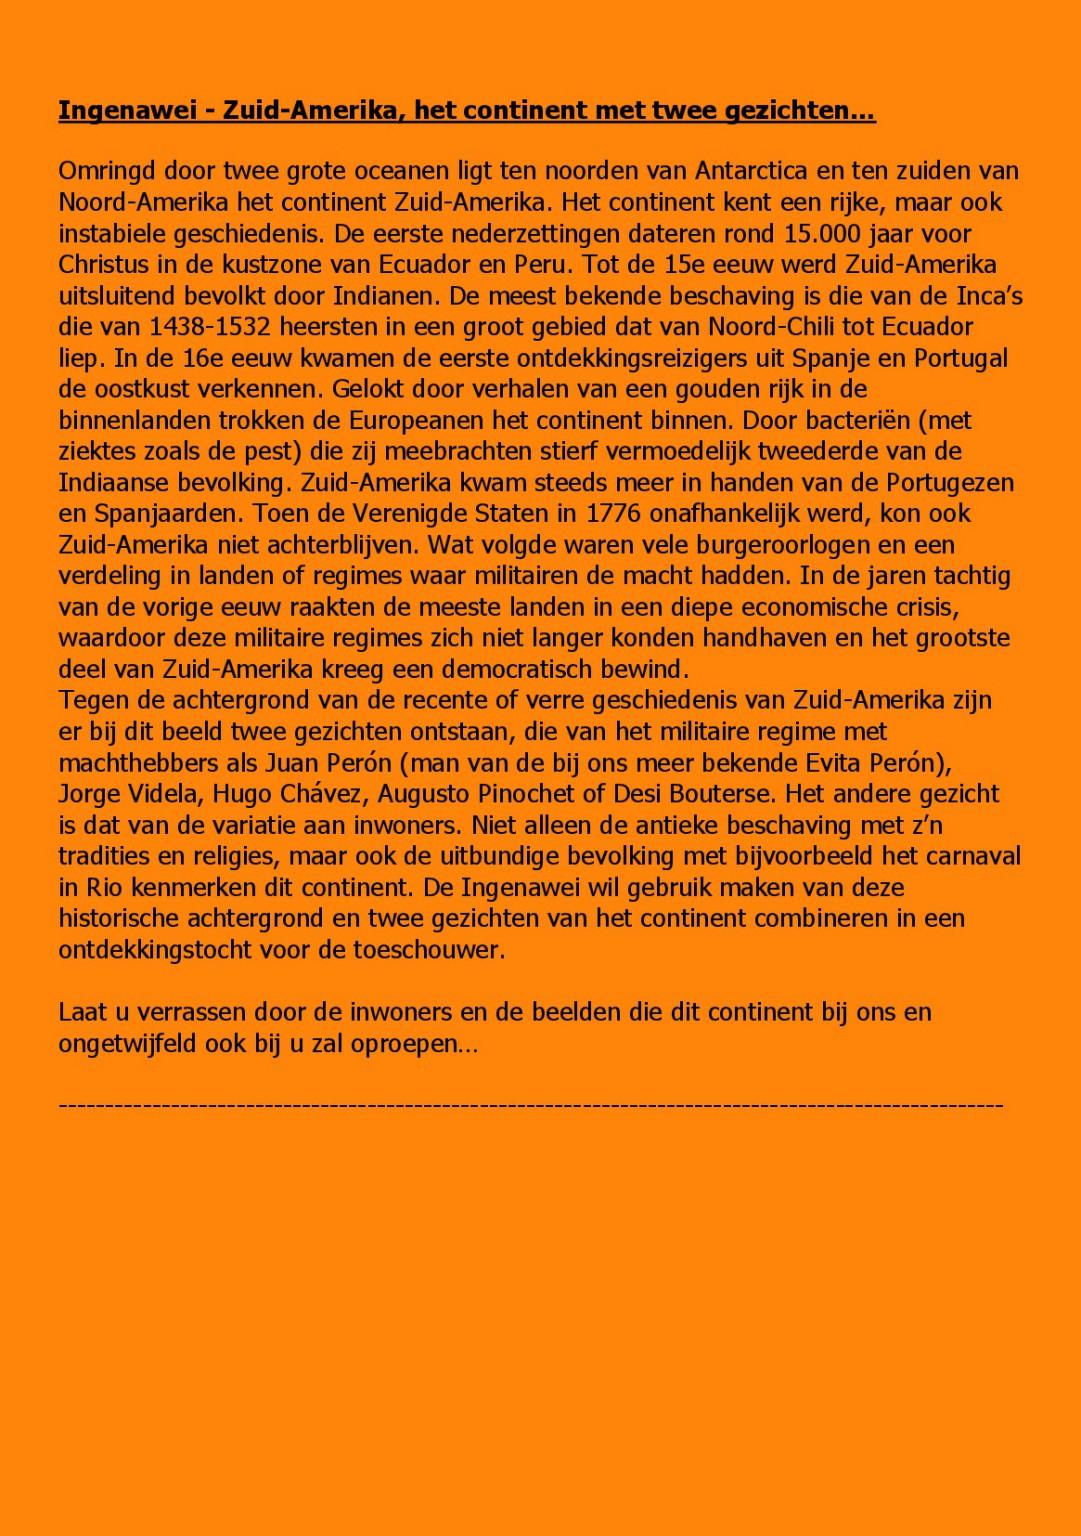 http://www.oranjenijland.nl/wp_oranjenijland/wp-content/uploads/2014/08/5400da02f07b3-1-1081x1536.jpg